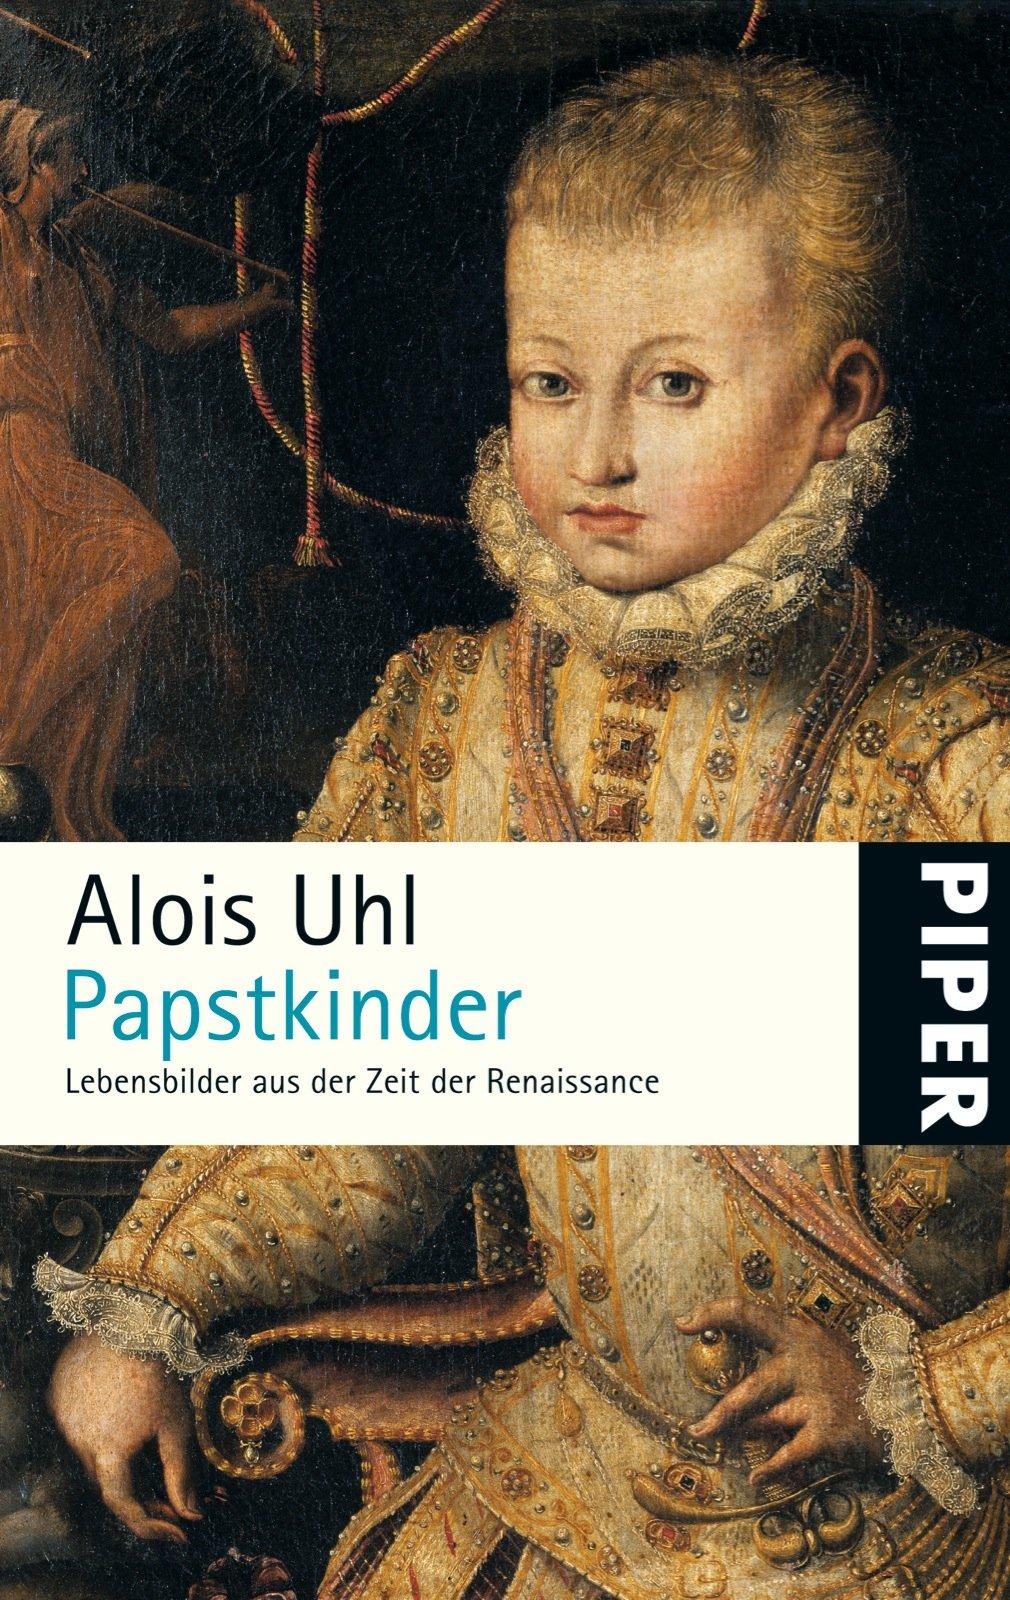 Papstkinder: Lebensbilder aus der Zeit der Renaissance